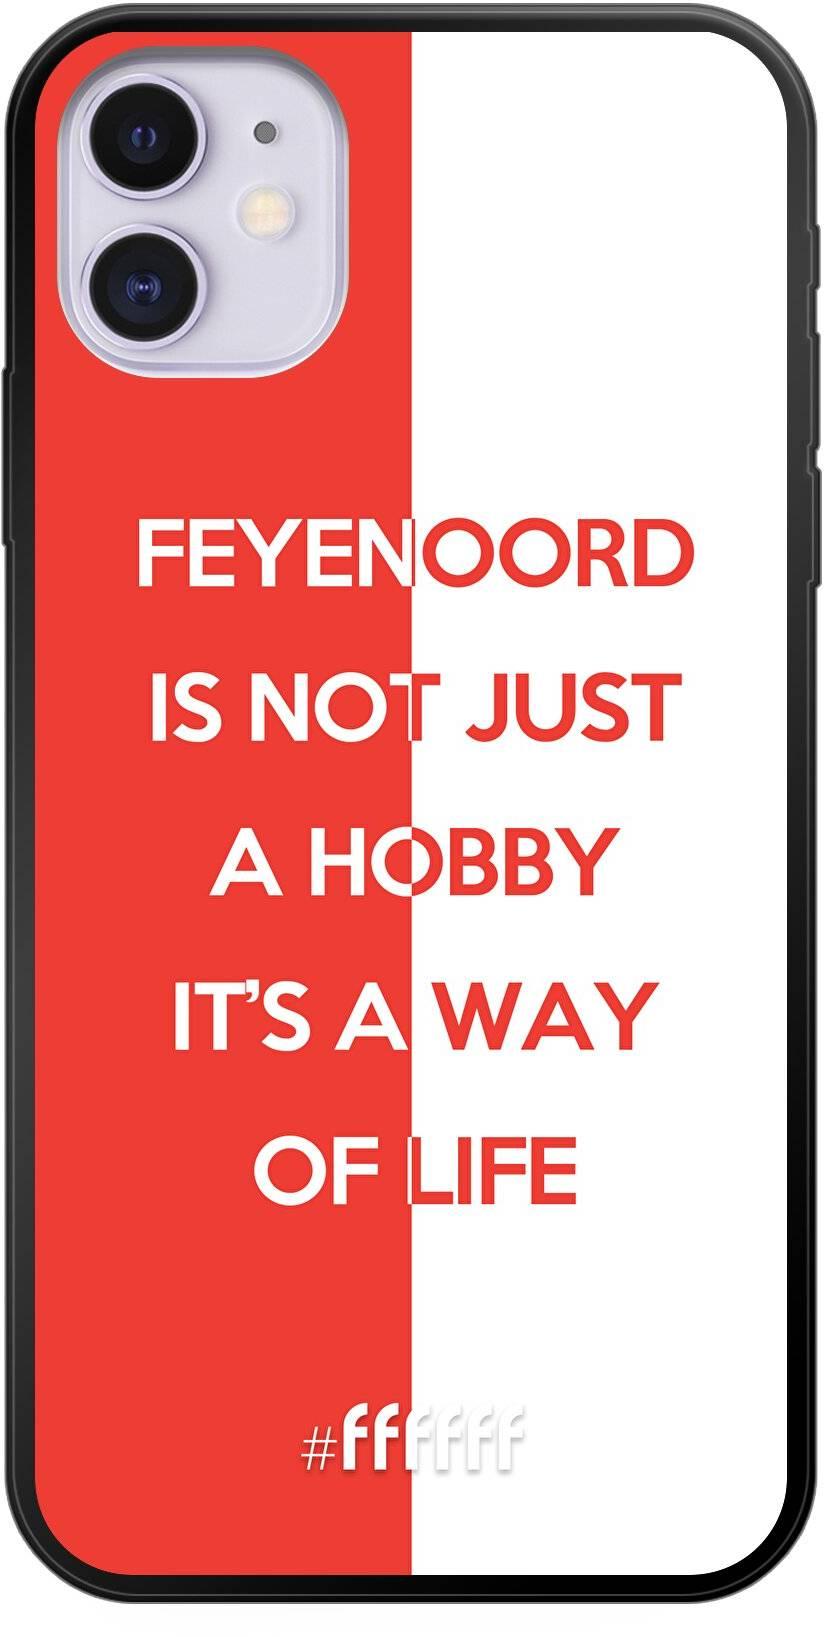 Feyenoord - Way of life iPhone 11